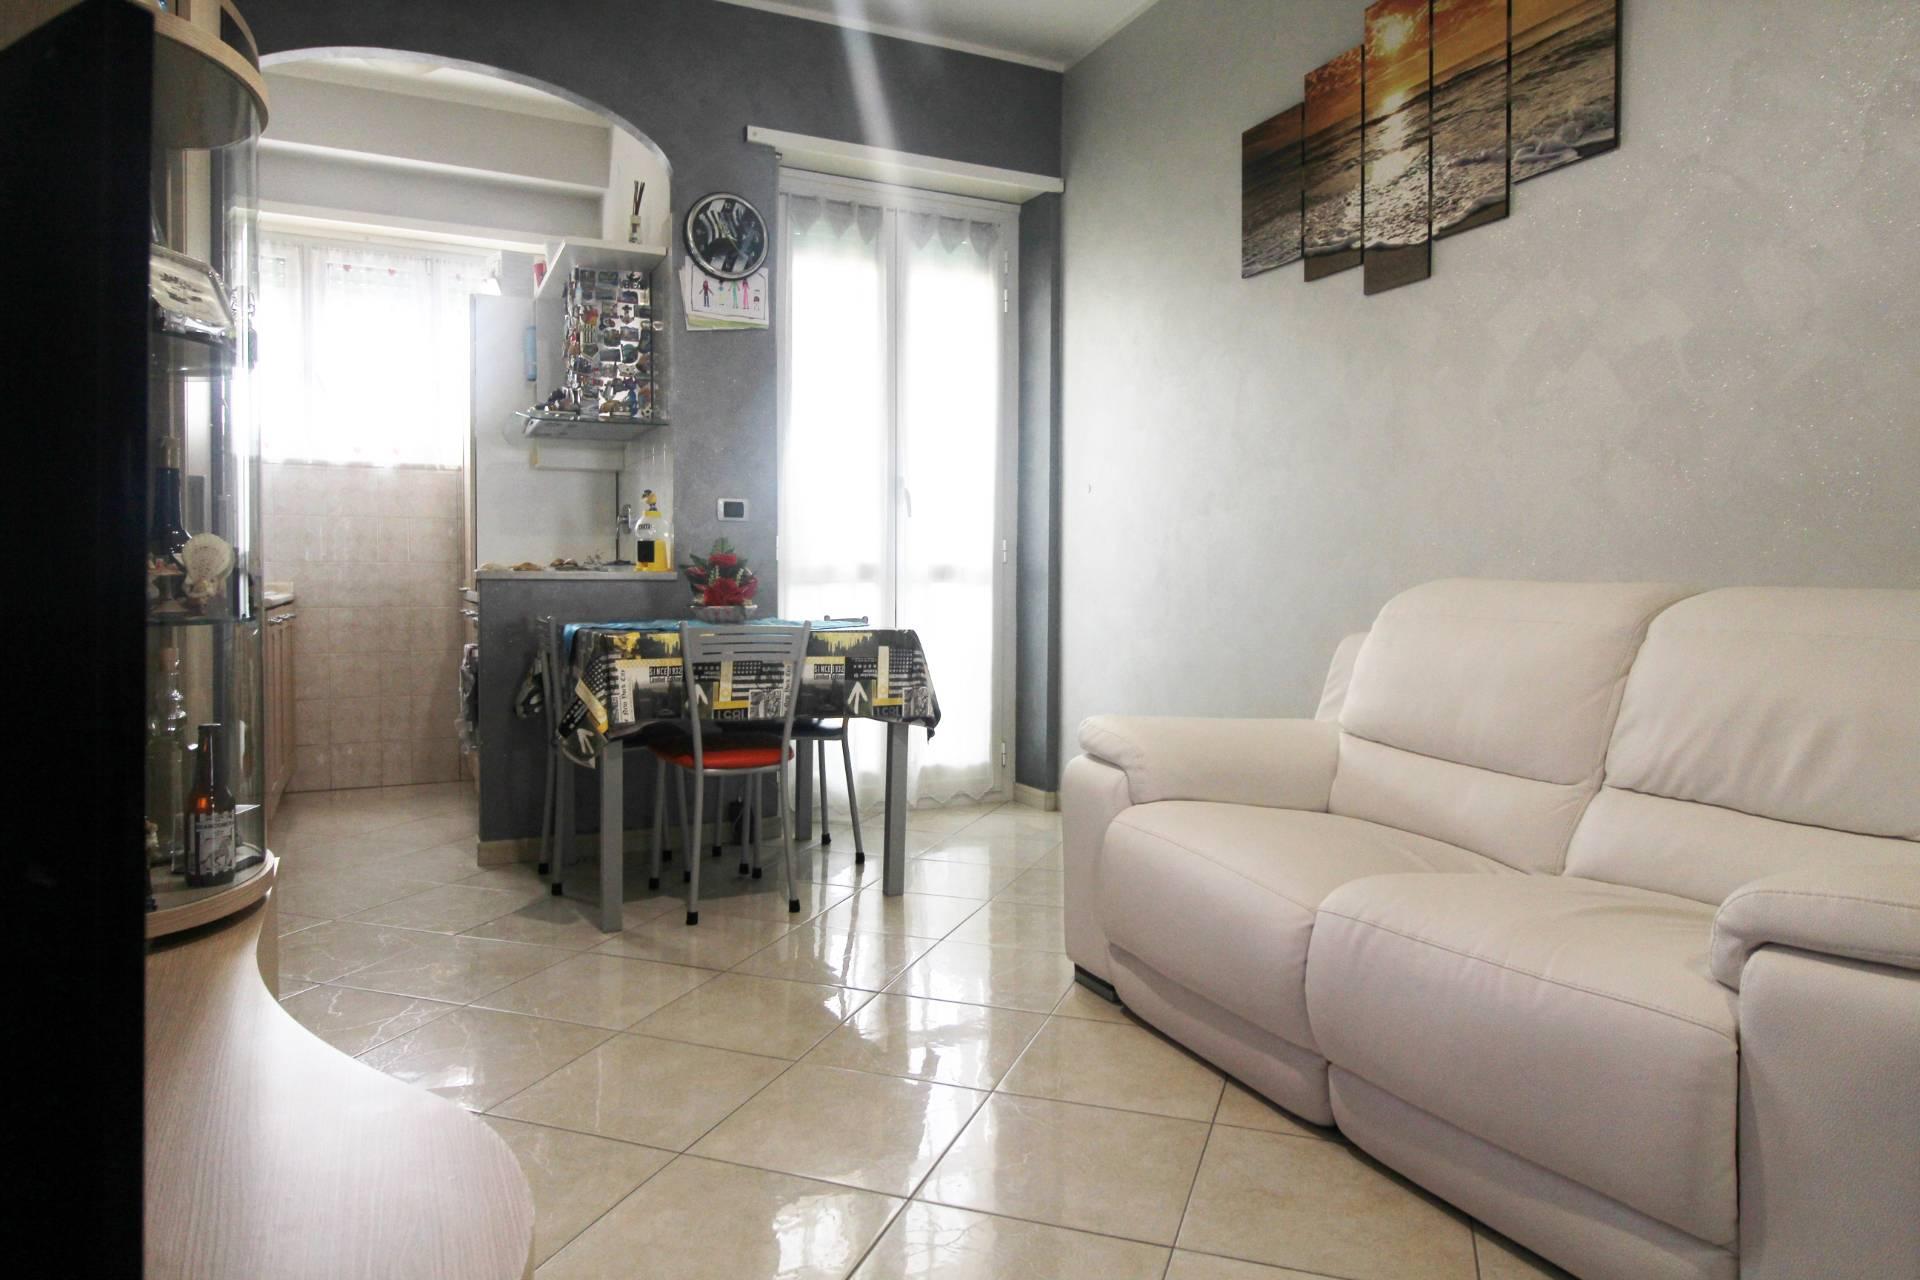 Appartamento in vendita a Rivoli, 3 locali, zona Località: CascineVica(to, prezzo € 178.000 | CambioCasa.it